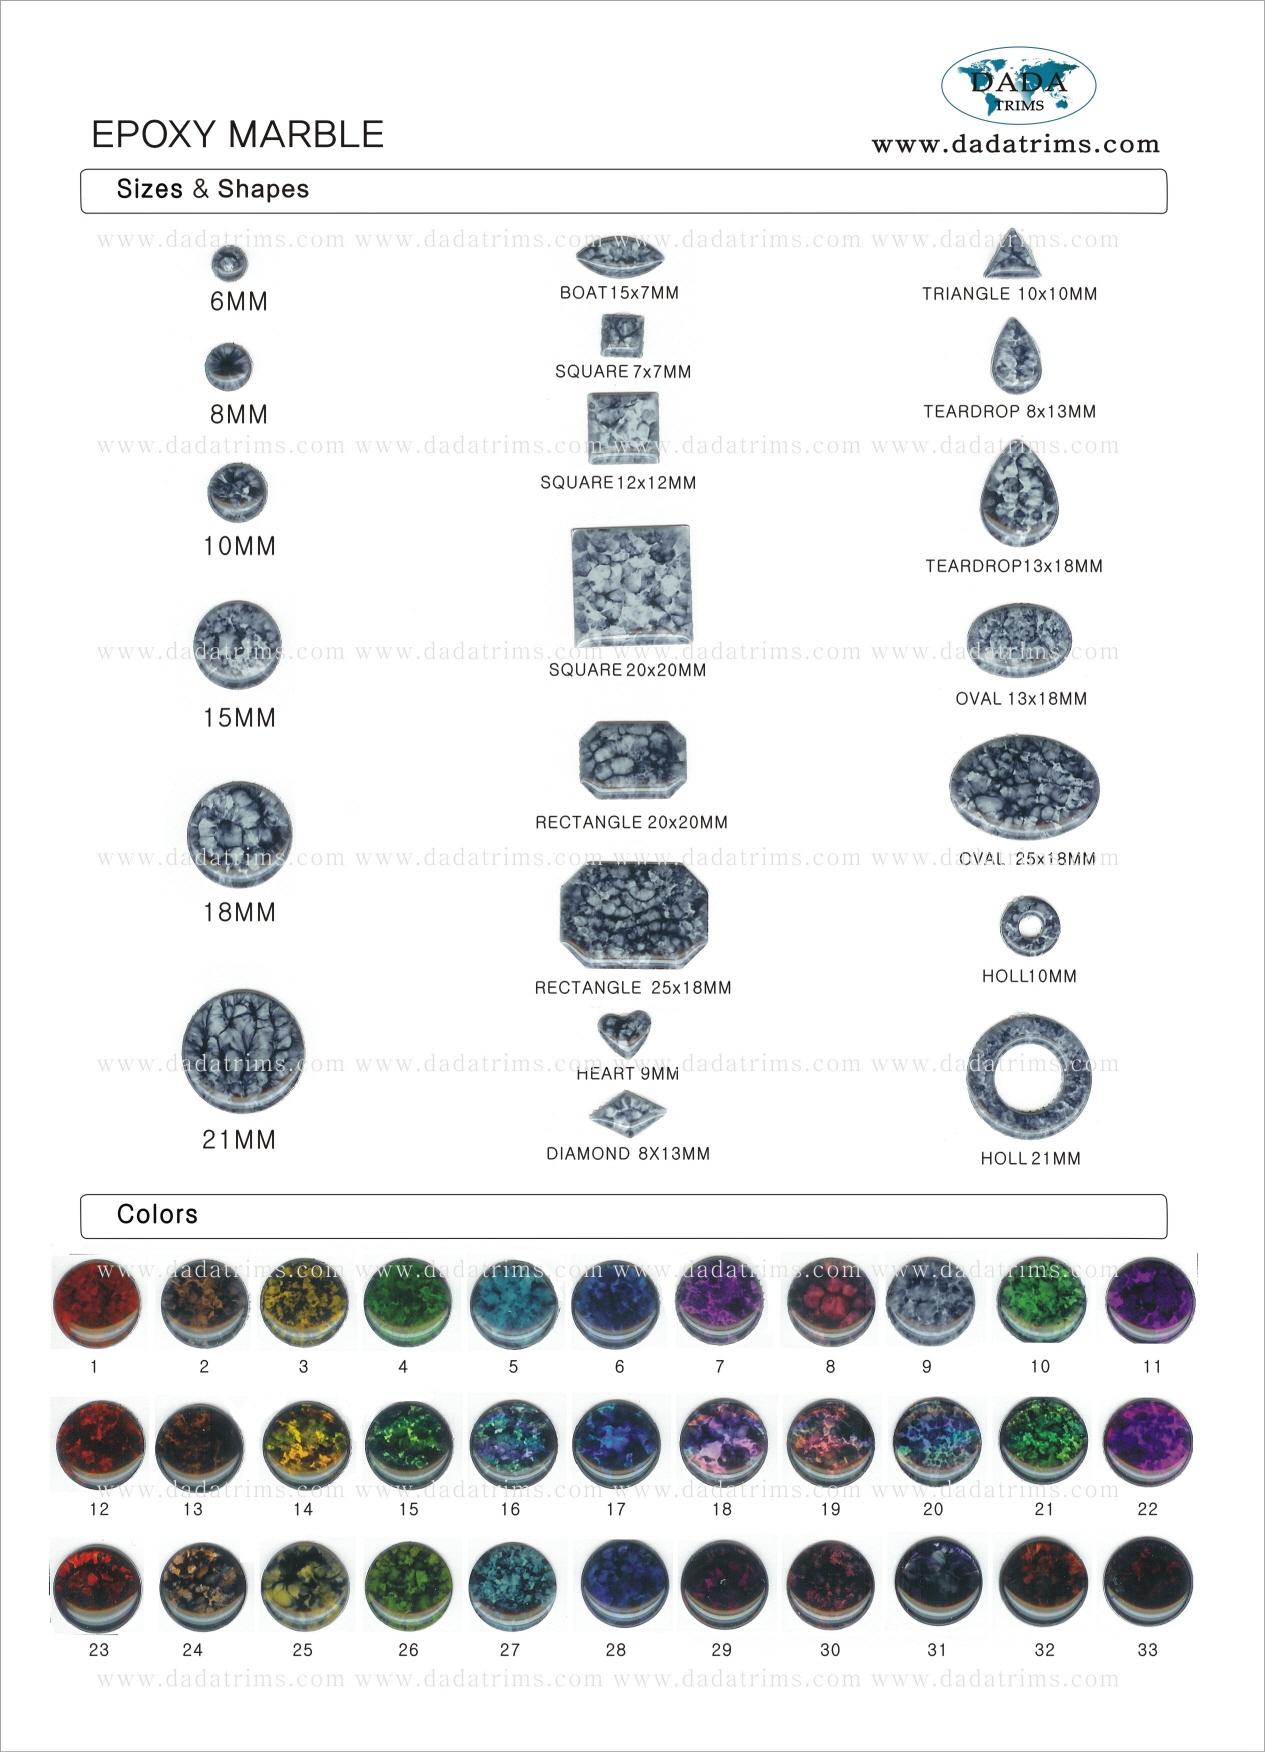 Epoxy Marble